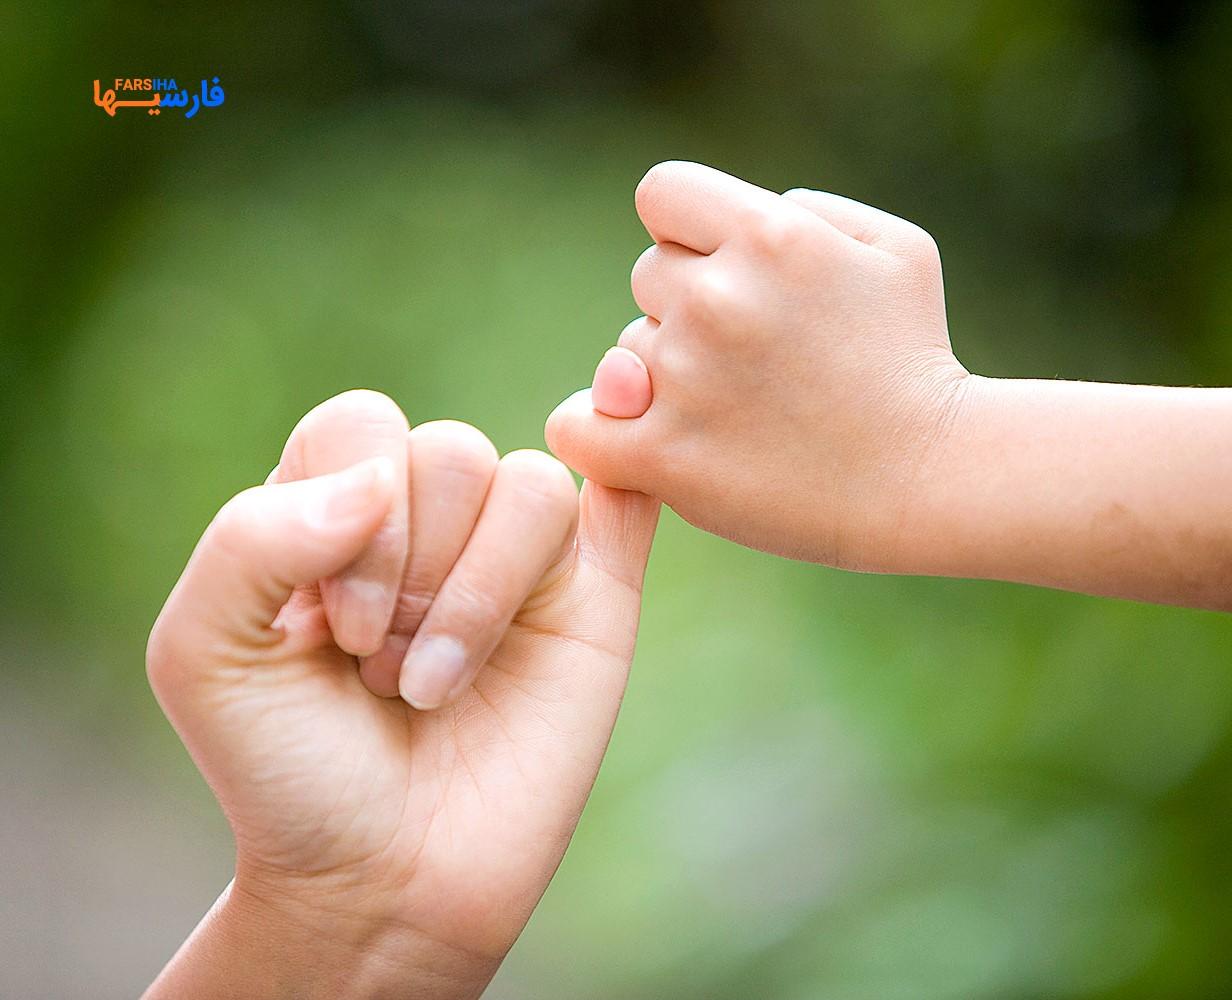 پدر و مادرها چگونه میتوانند الگوی خوبی برای بچه ها باشند؟